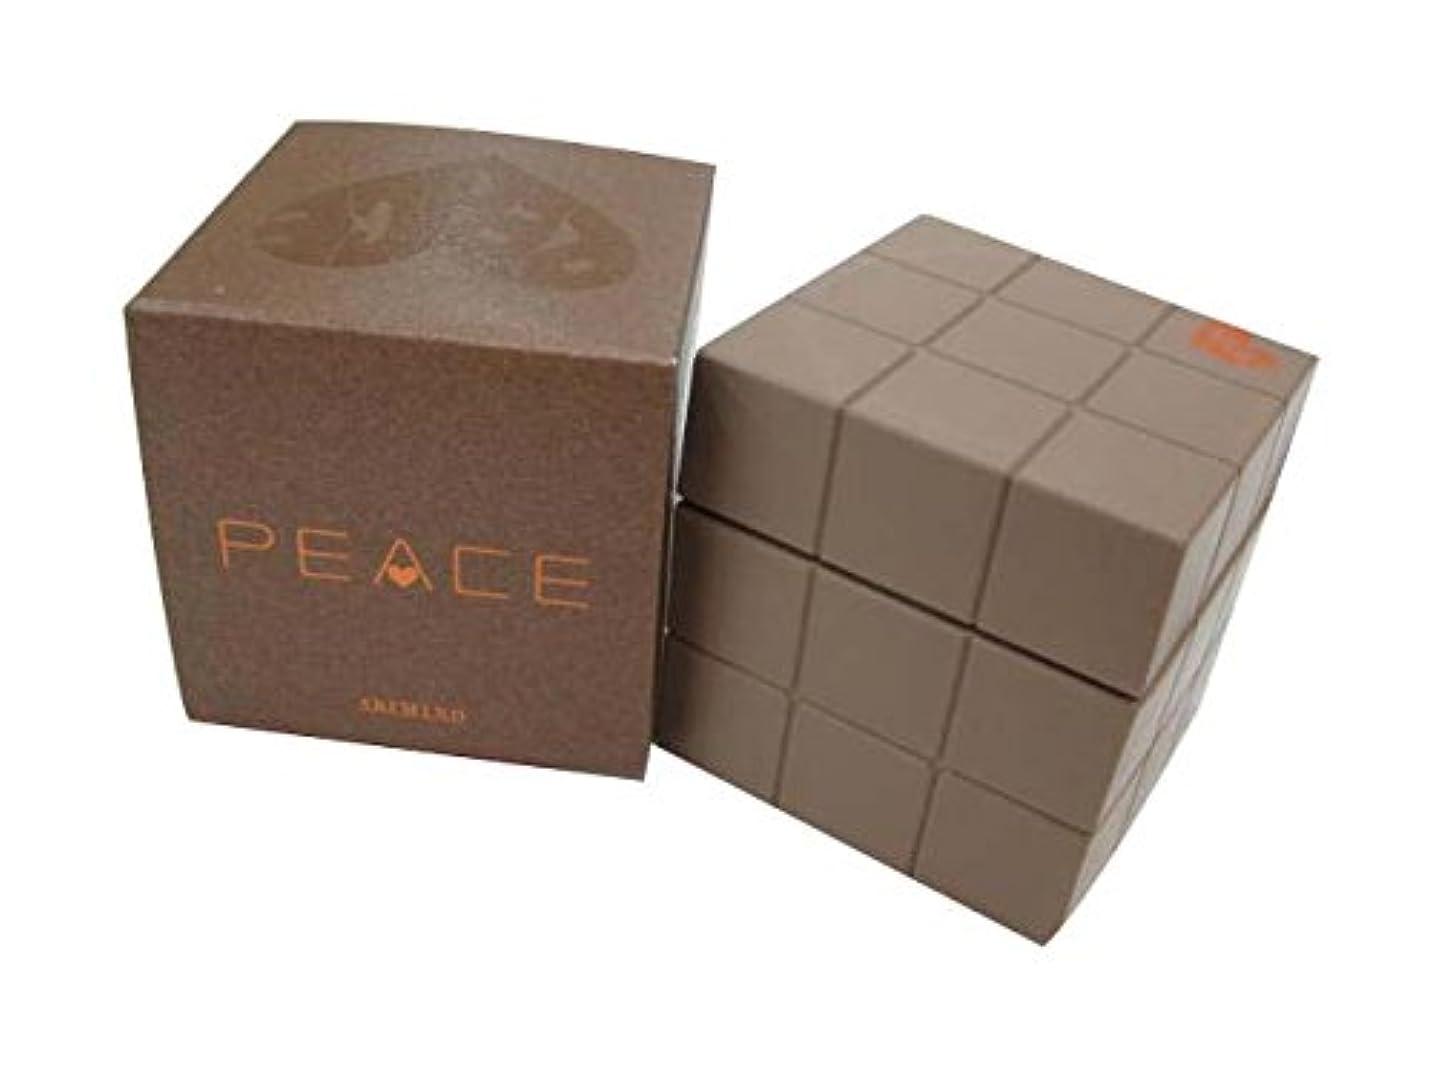 シャープ違反粘着性アリミノ ピース プロデザイン ソフトワックス80g ×2個 セット arimino PEACE